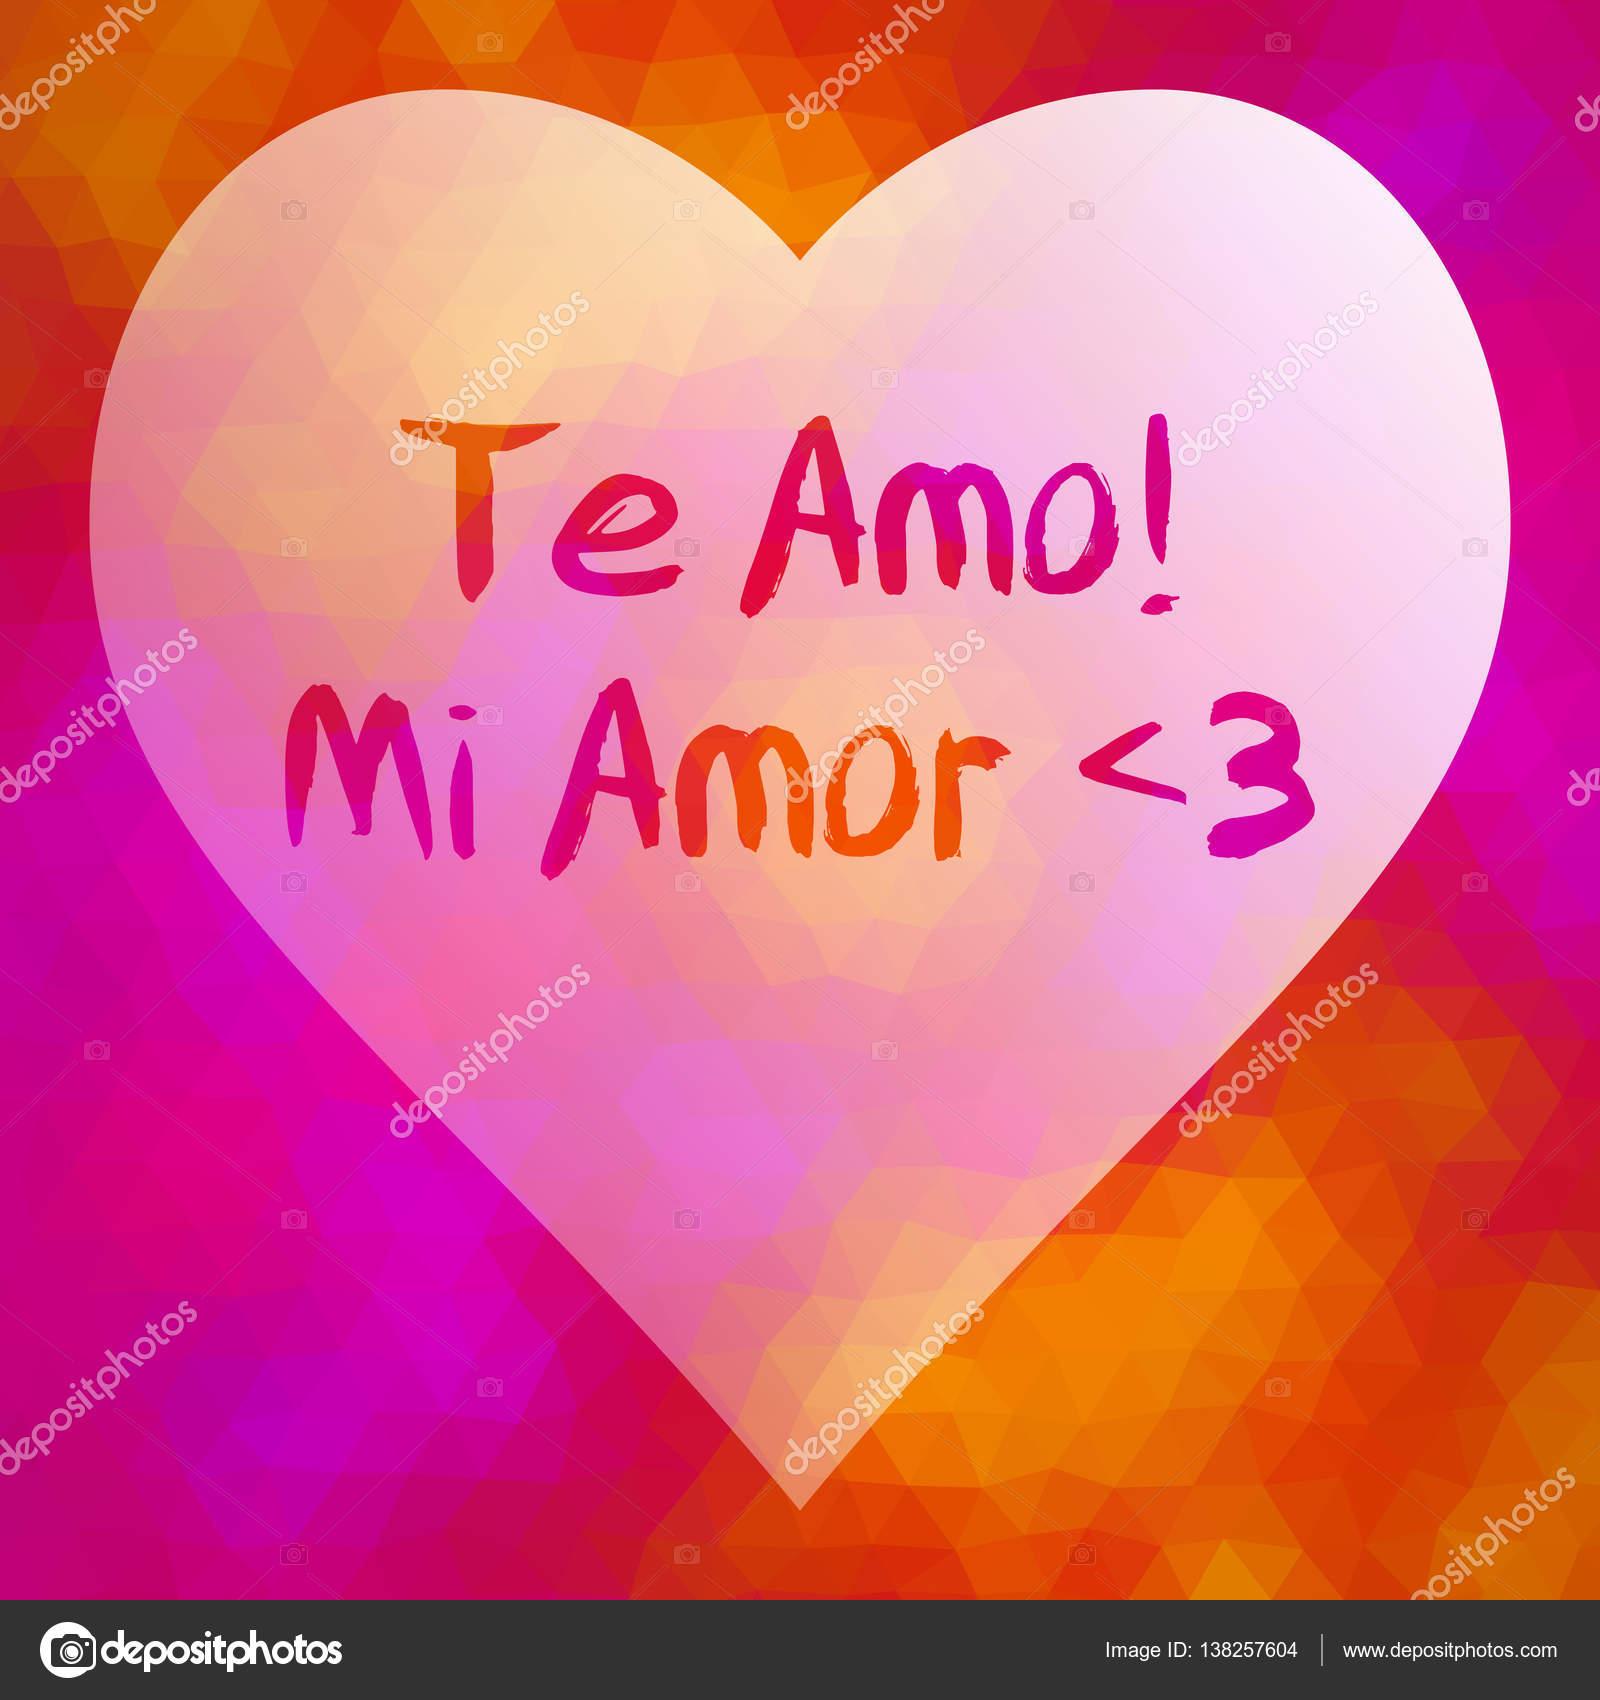 Foto Teamo Mi Amor Frase Te Amo Mi Amor Vector De Stock